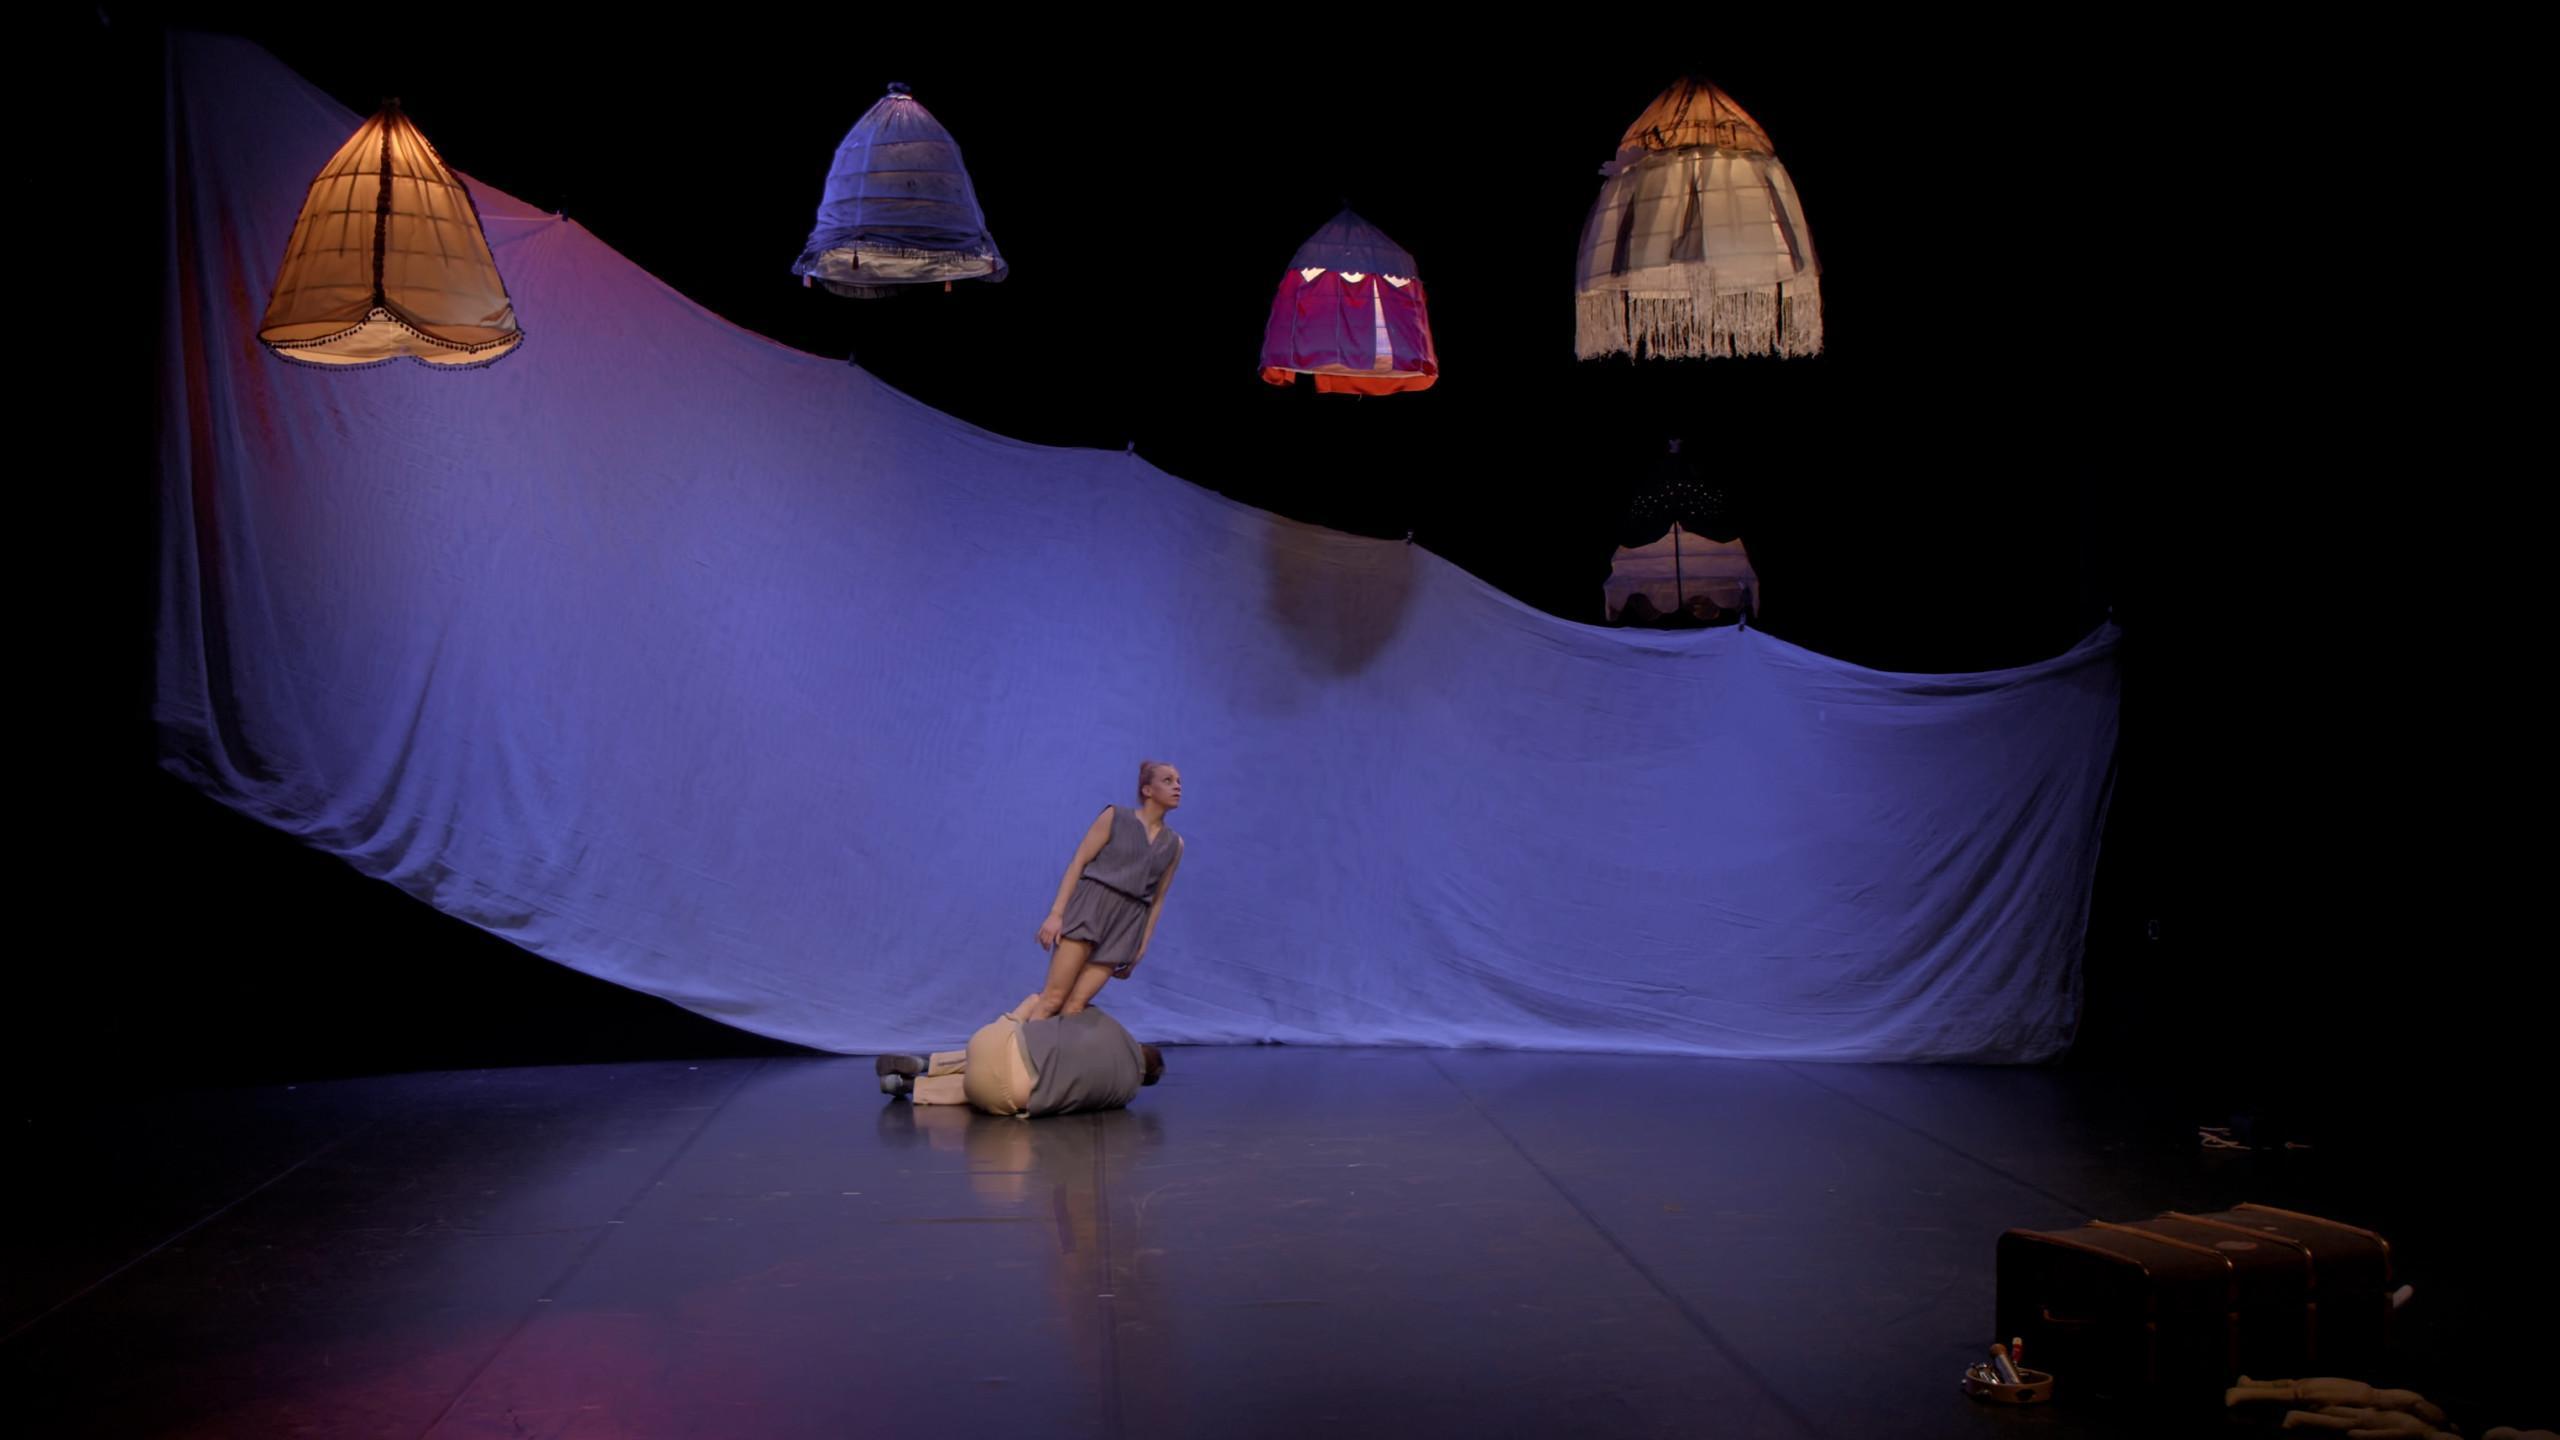 Esiintymislavalla on taustalla valkoinen kangas sinisissä valoissa, katosta roikkuu kankaisia lampunvarjostimia. Lavalla mies on sikiöasennossa ja pitää kiinni oikealle nojaavan naisen jaloista.